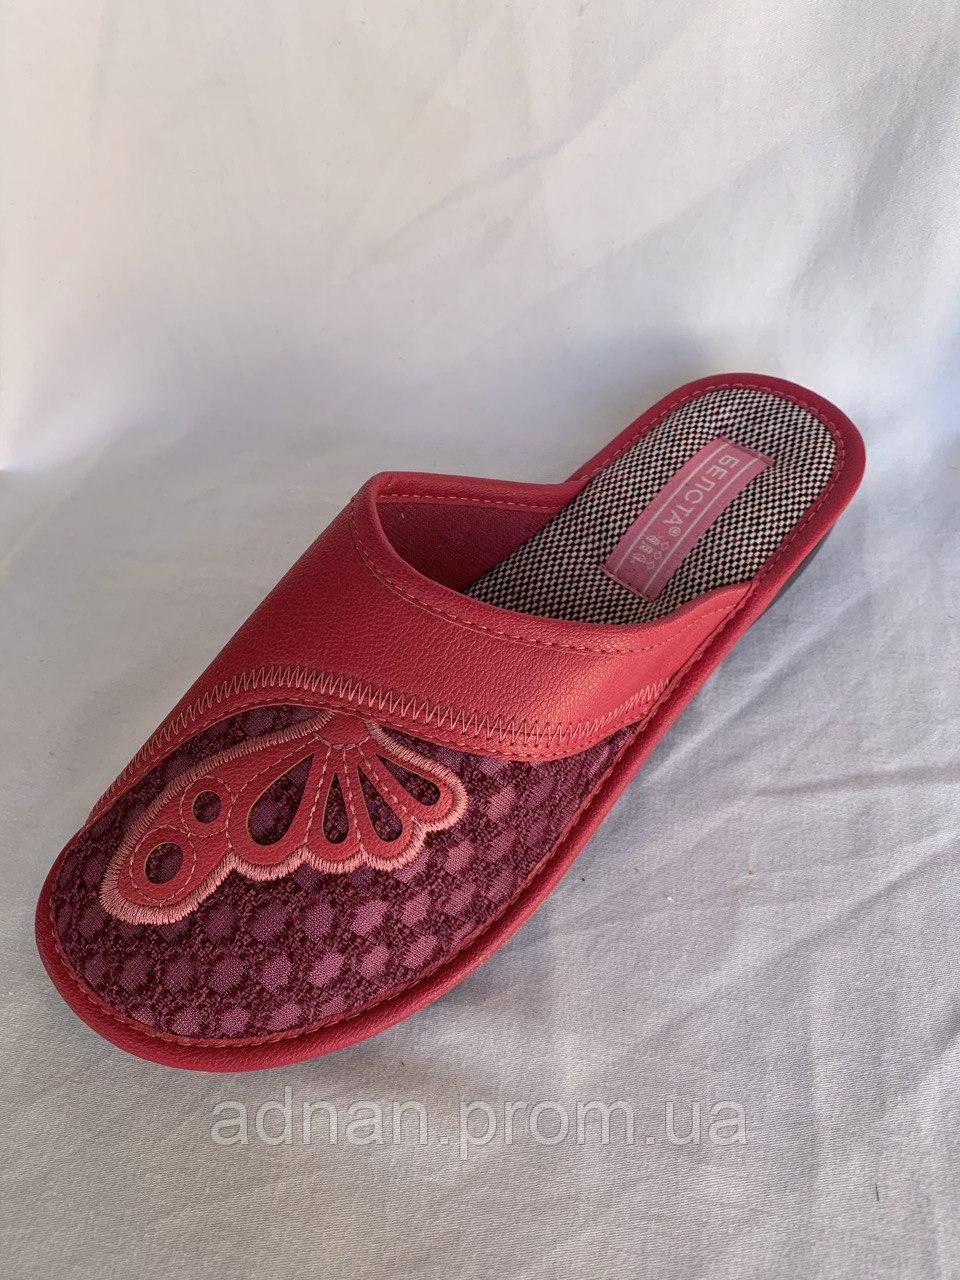 Тапочки жіночі БЕЛСТА, закриті, 6 пар в упаковці,005 Україна/ купити тапочки оптом